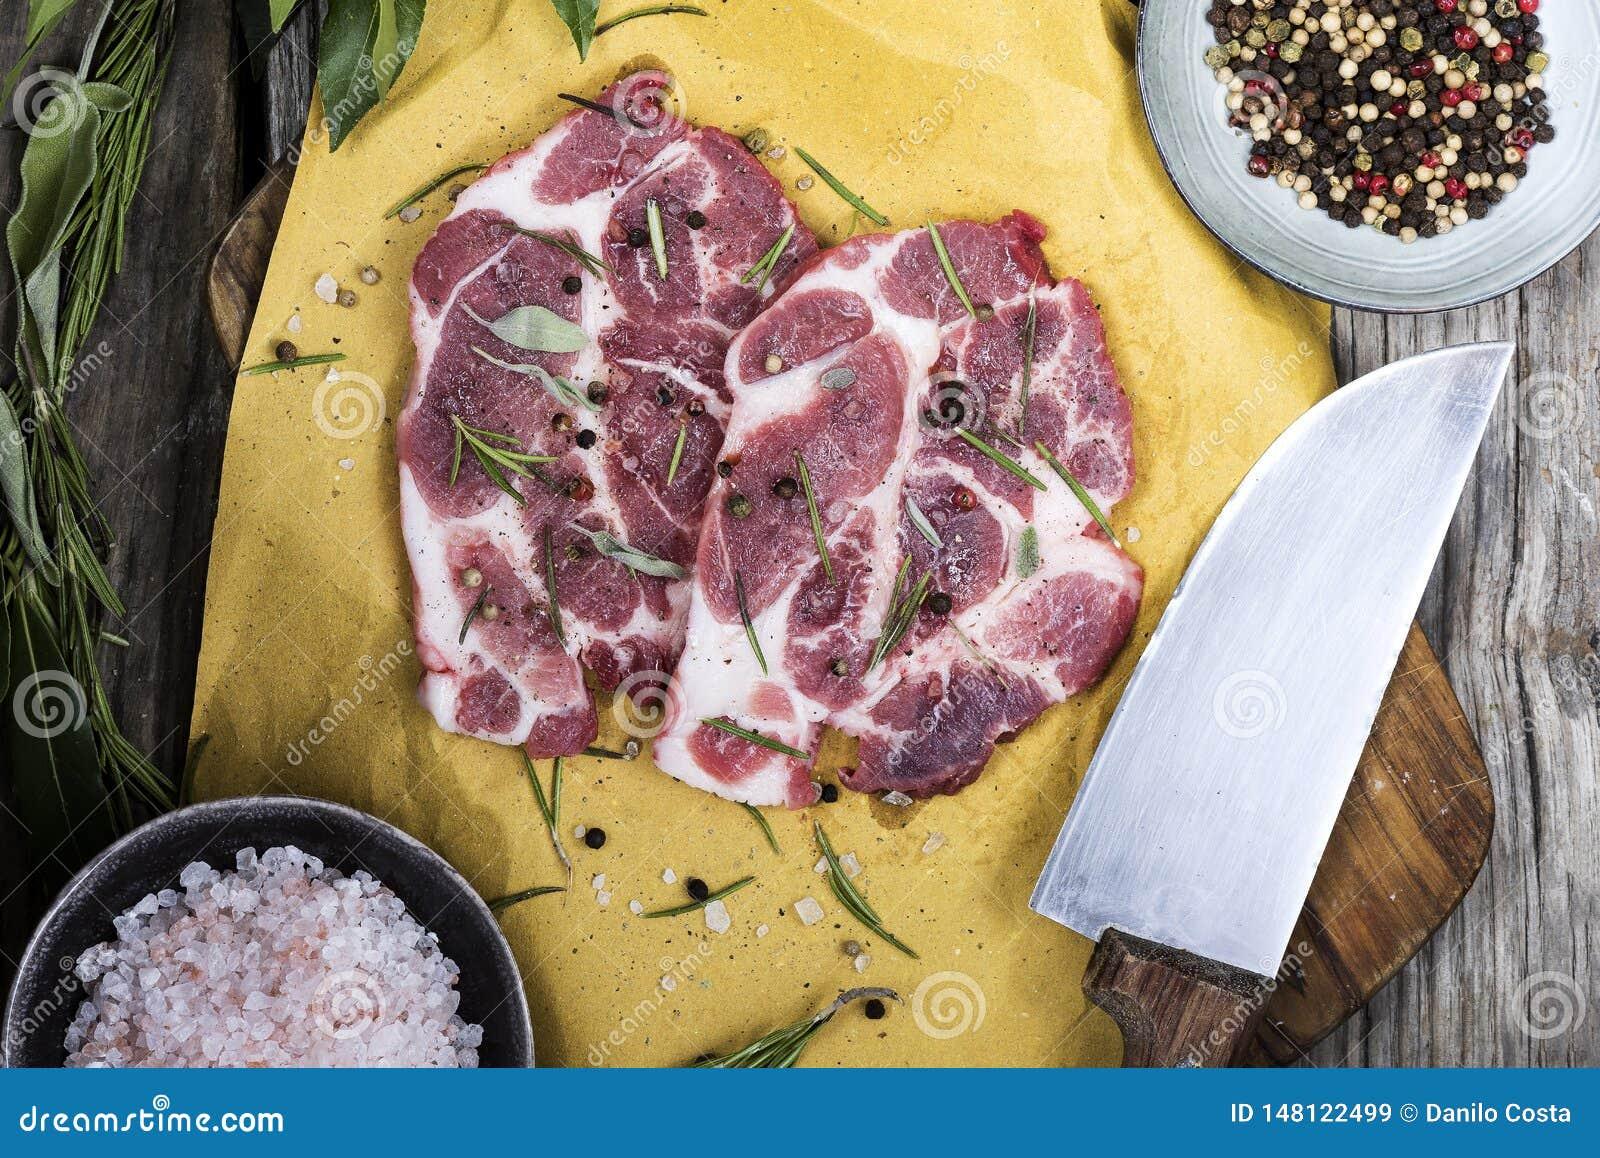 Carne de carne de porco na placa de desbastamento com especiarias